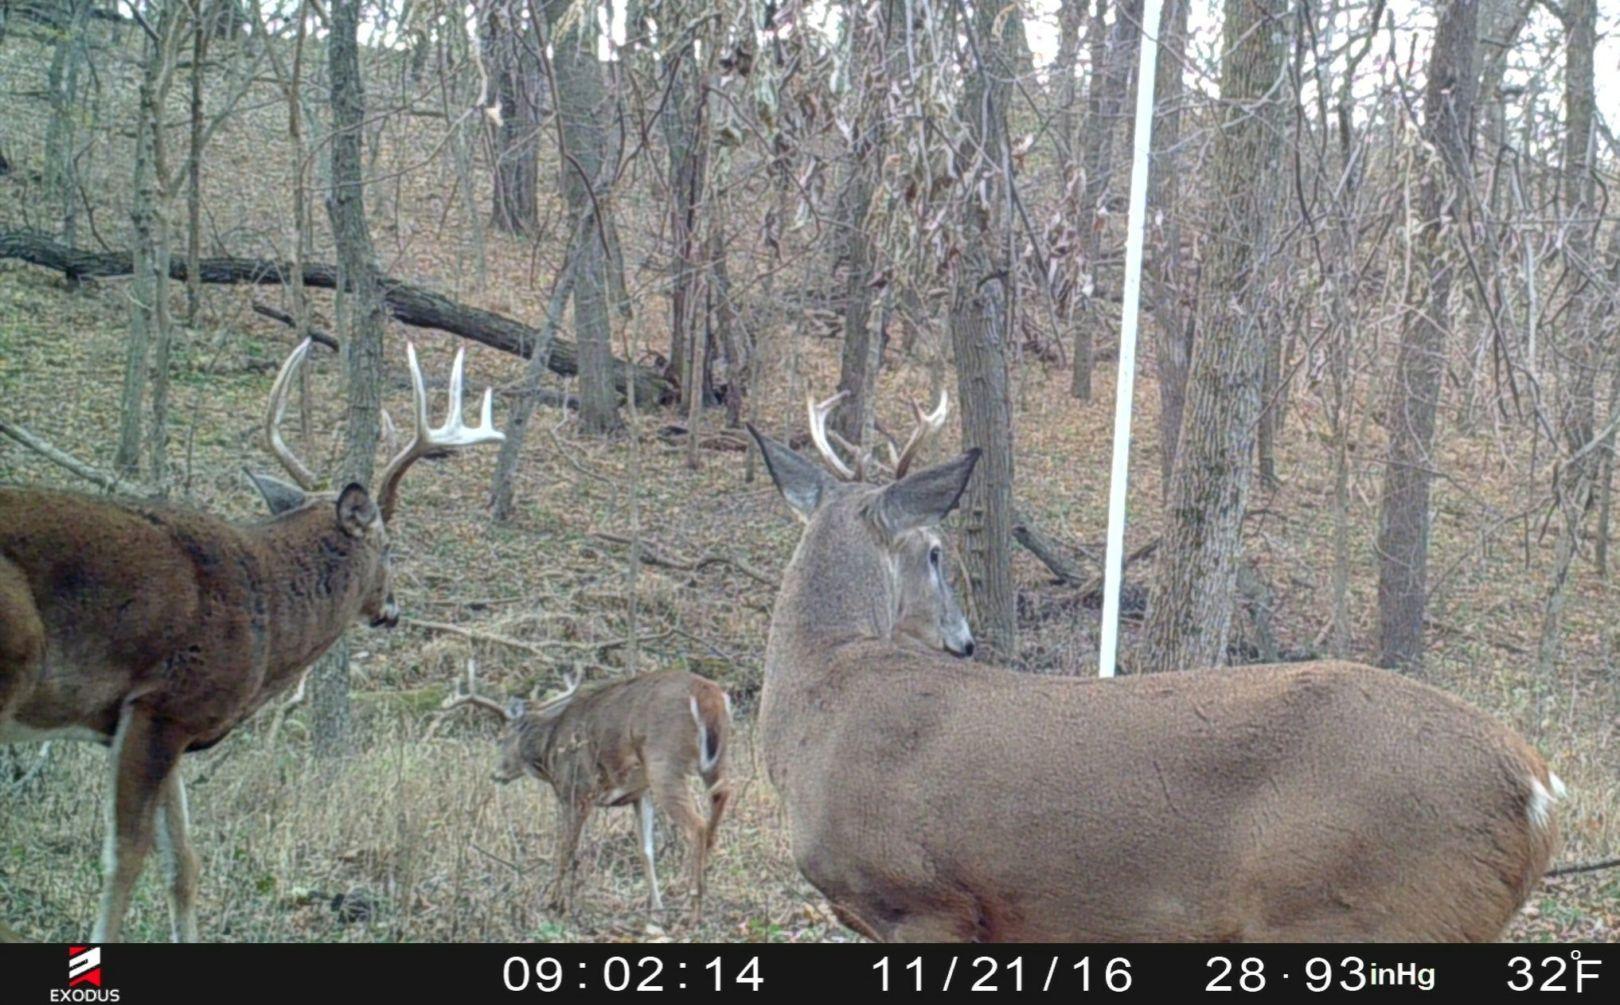 2020 Deer Rut Prediction | Calendar Template Printable  Brookville Ks 2021 Deer Rut